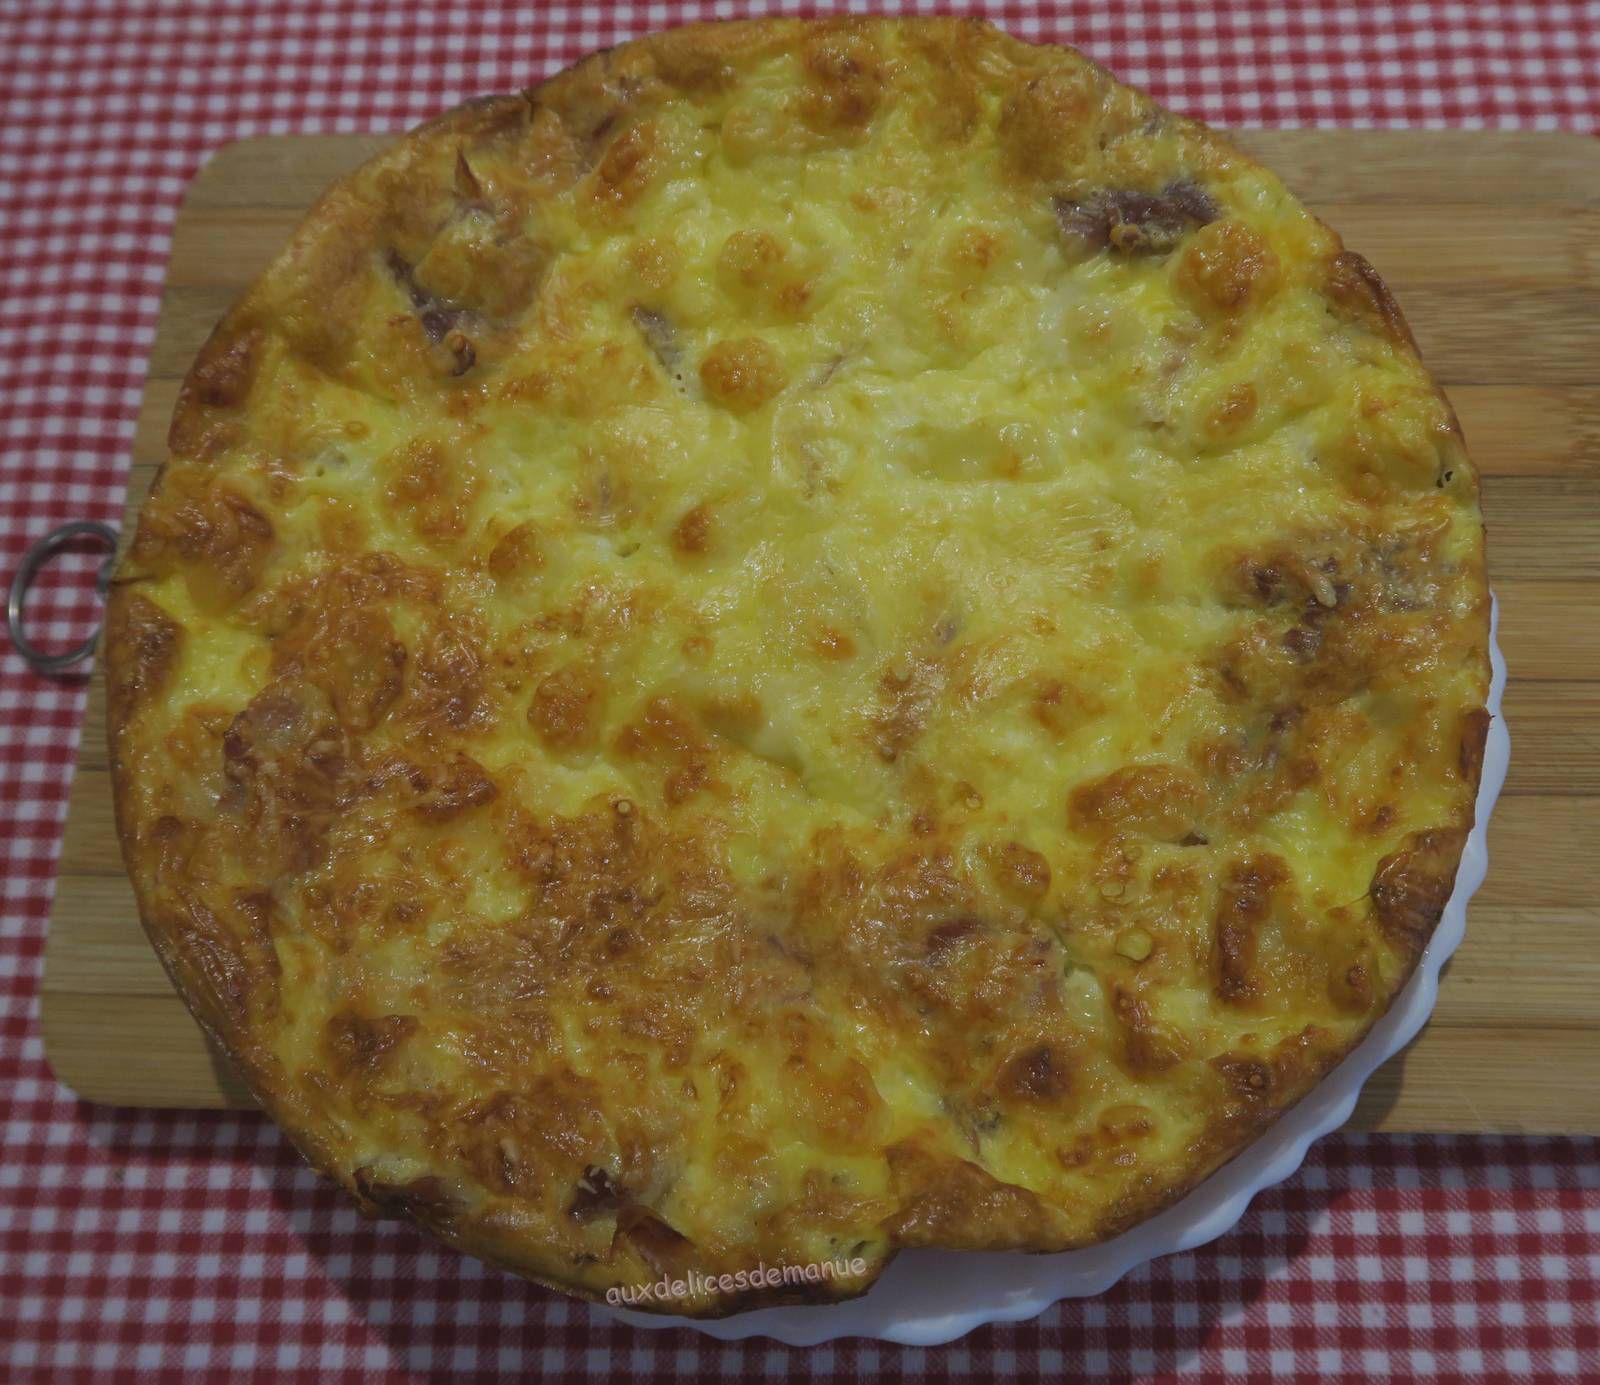 Quiche sans pâte au Serrano et mozzarella, gratinée